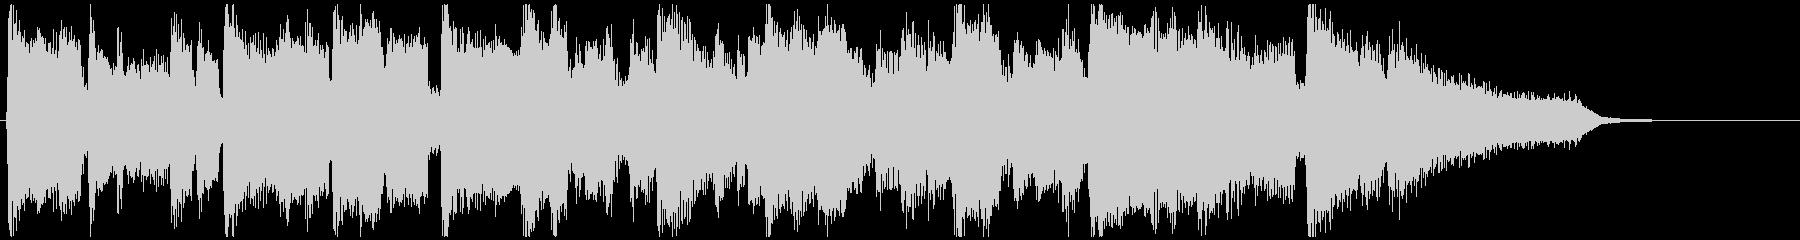 滑らかなクラリネット生演奏の15秒CM曲の未再生の波形